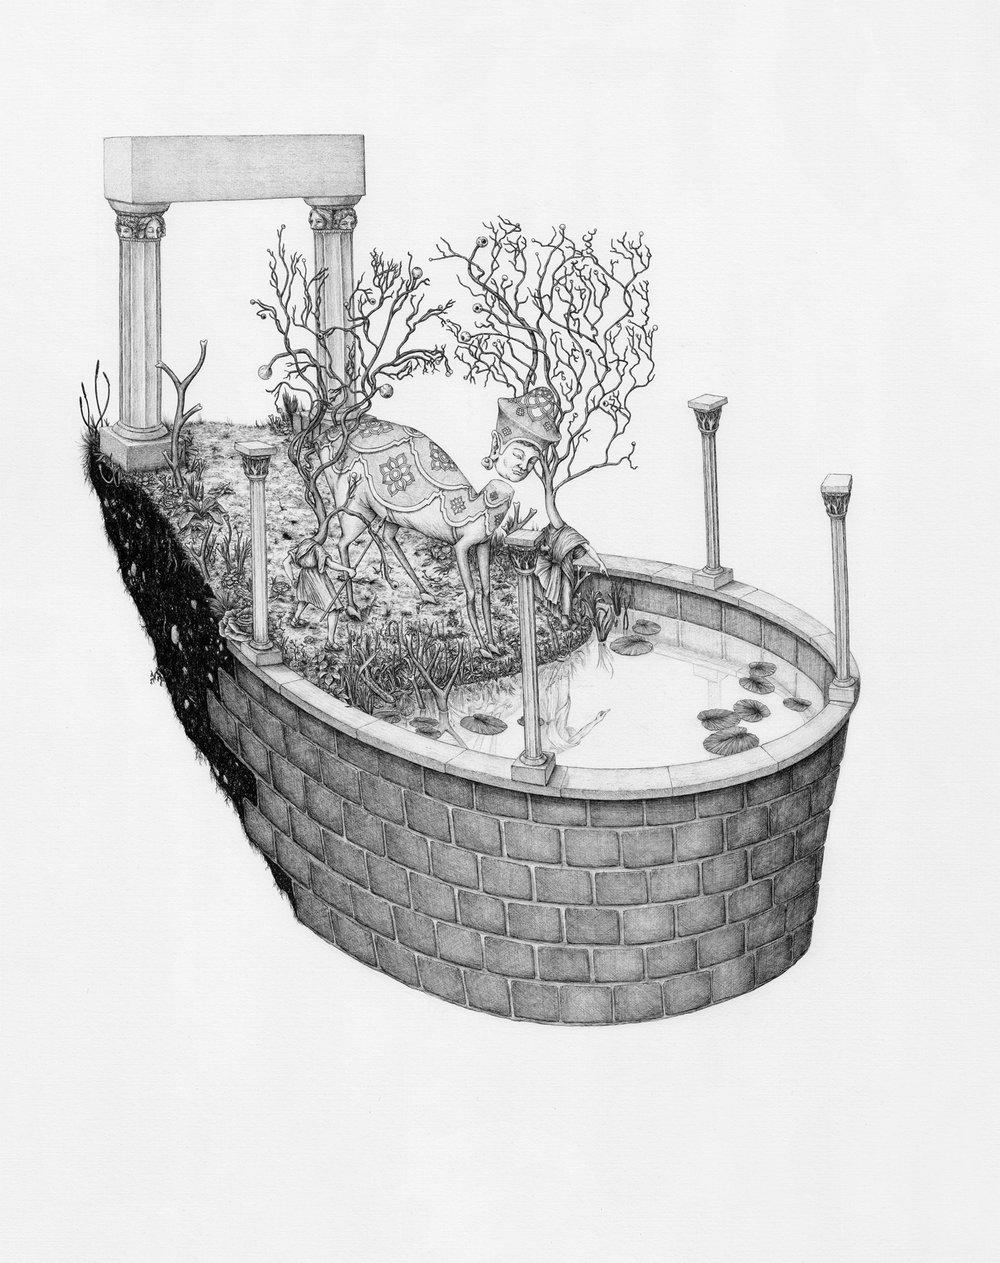 FloatingIsland#8mainweb.jpg